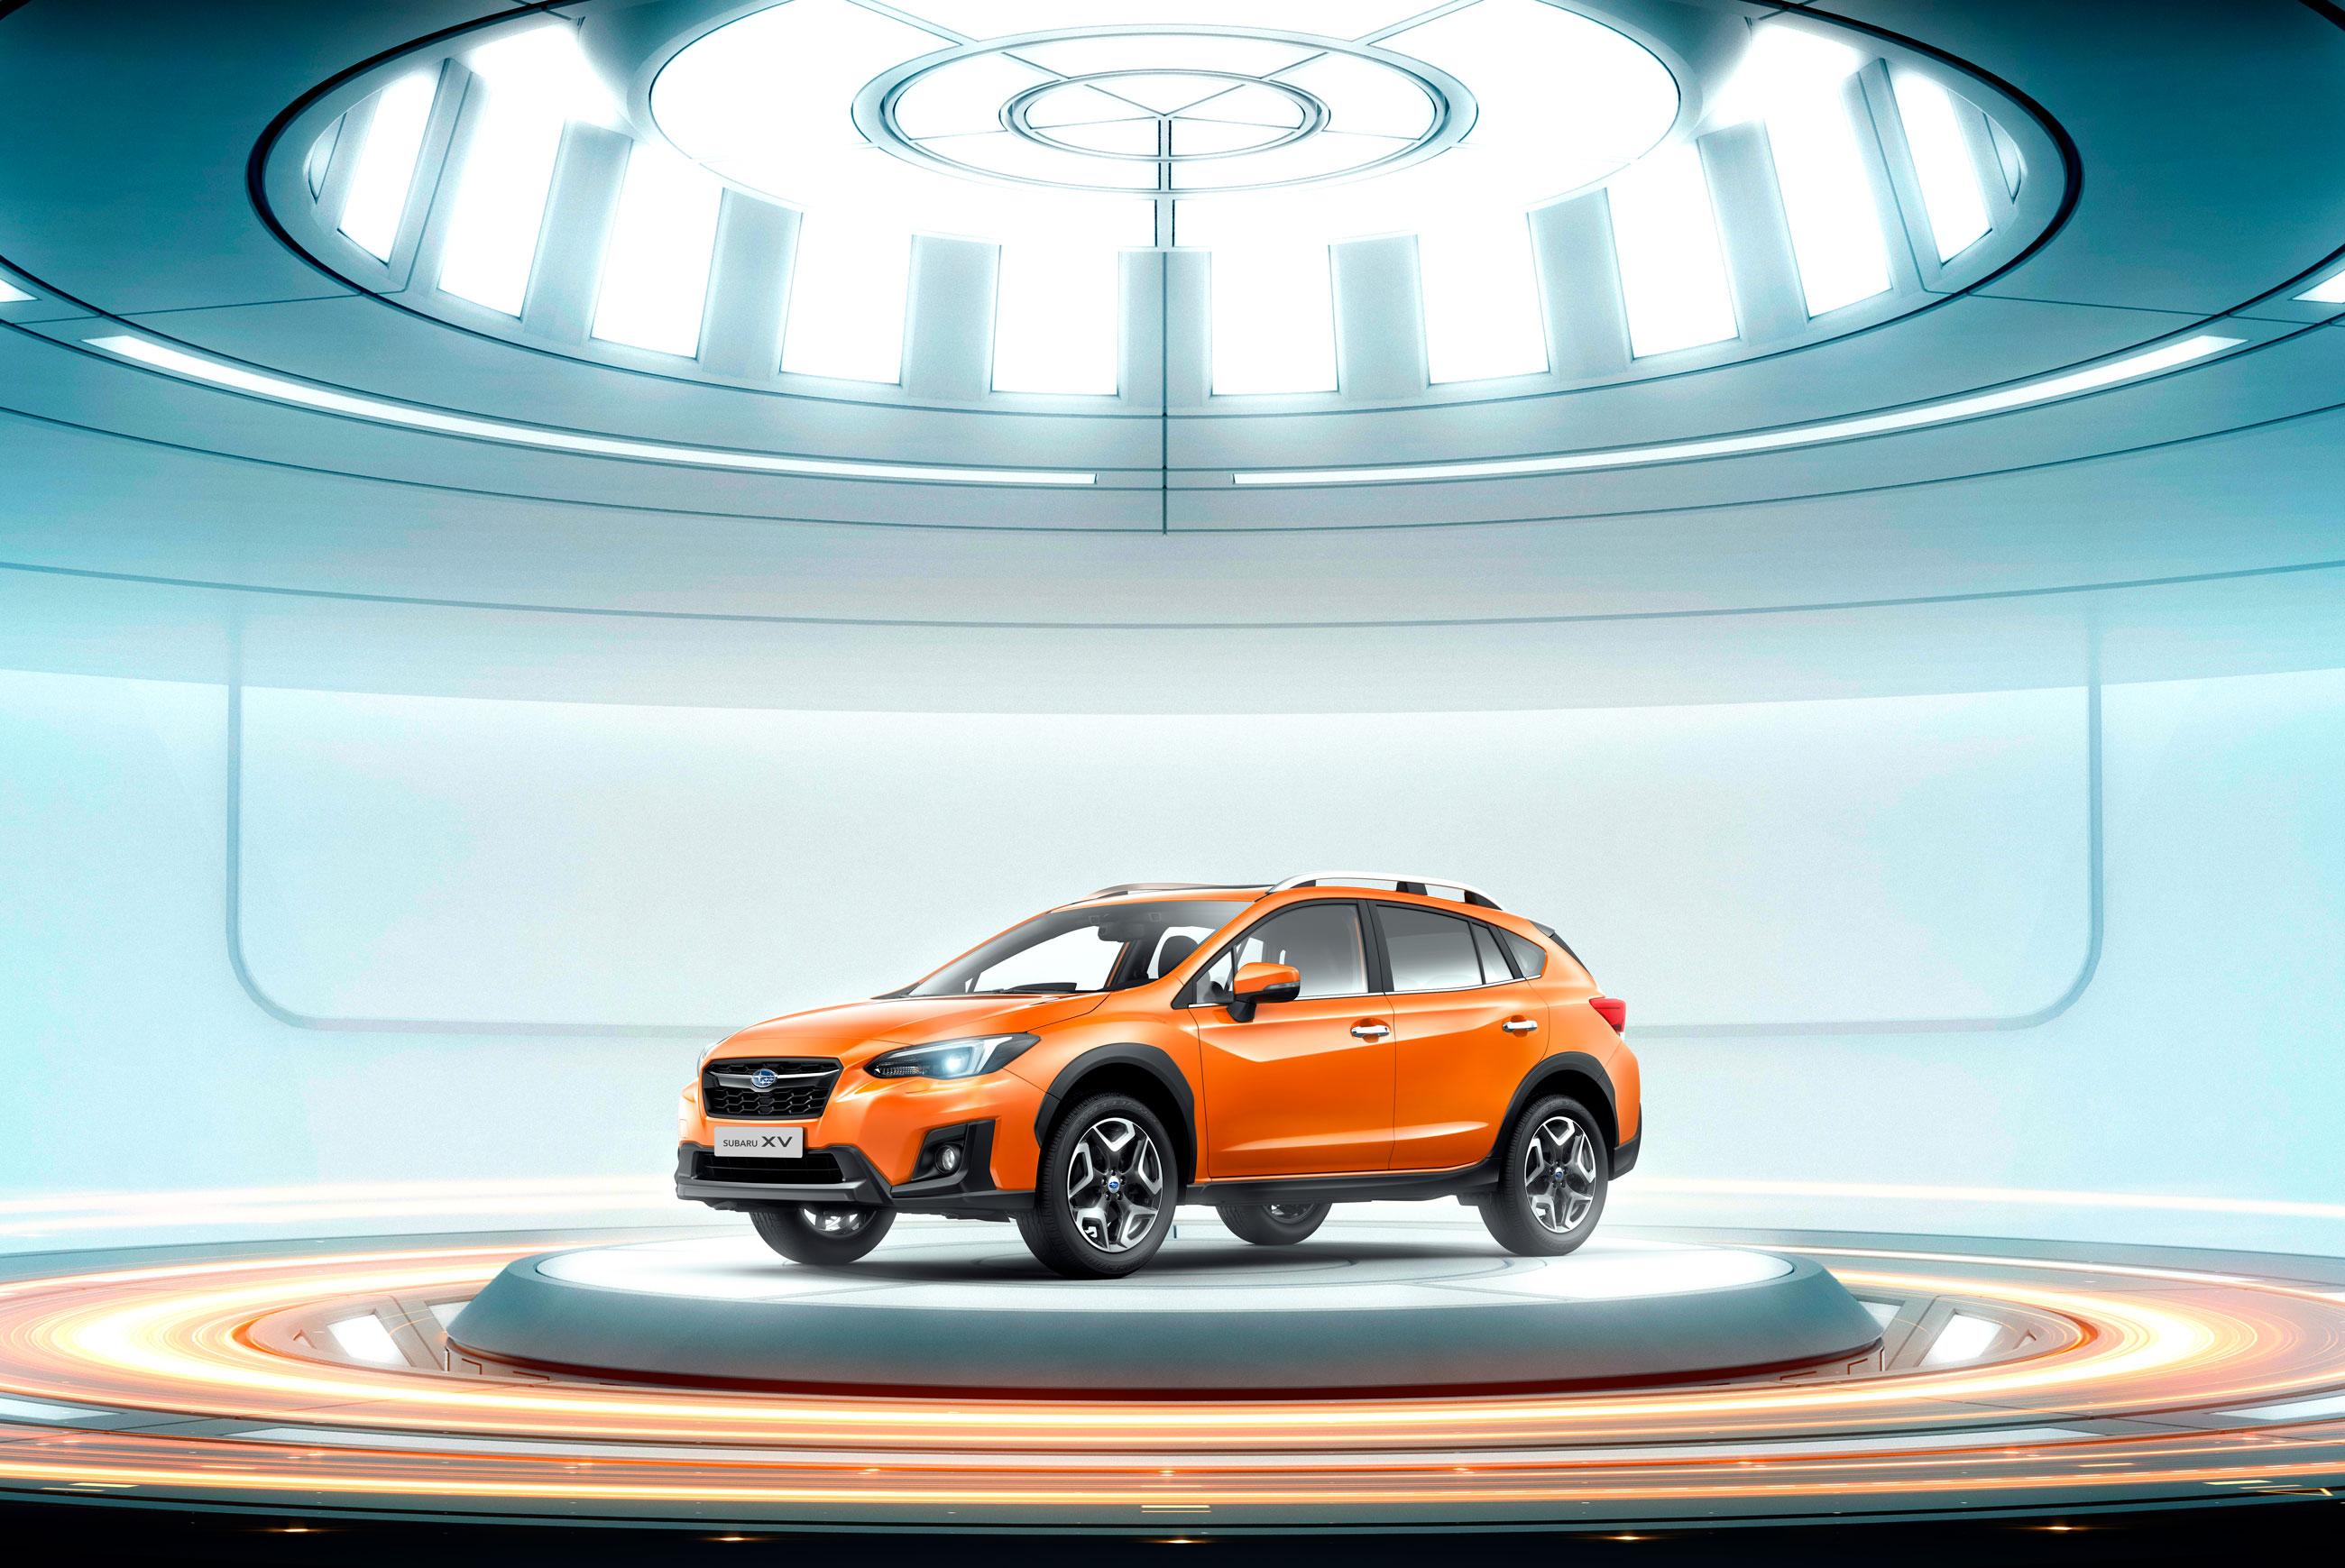 Презентация нового Subaru XV в автоцентре Арена Авто